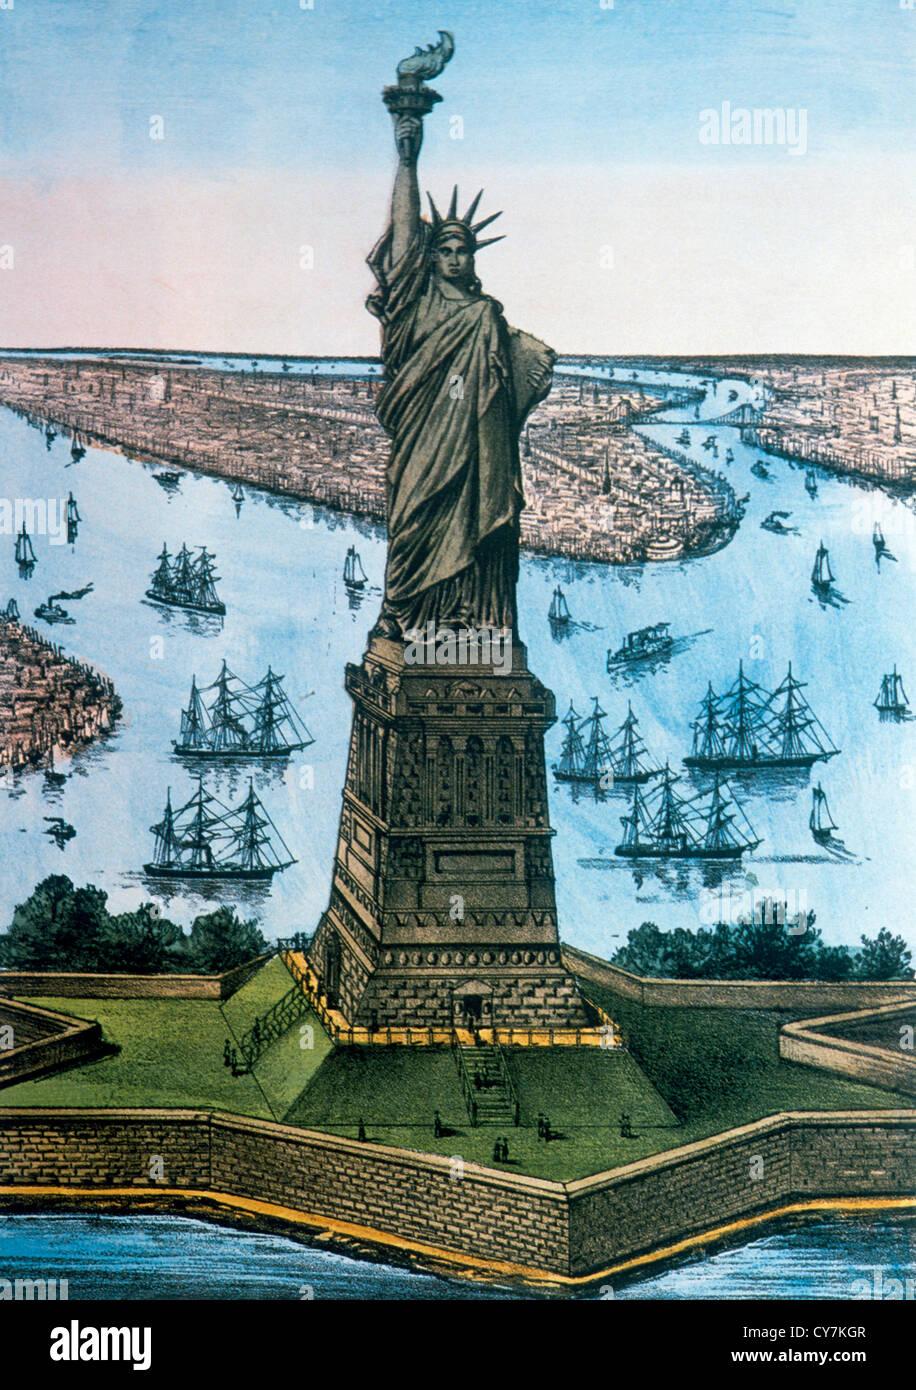 Statua della Libertà di New York, Stati Uniti, Currier & Ives, litografia, circa 1885 Immagini Stock